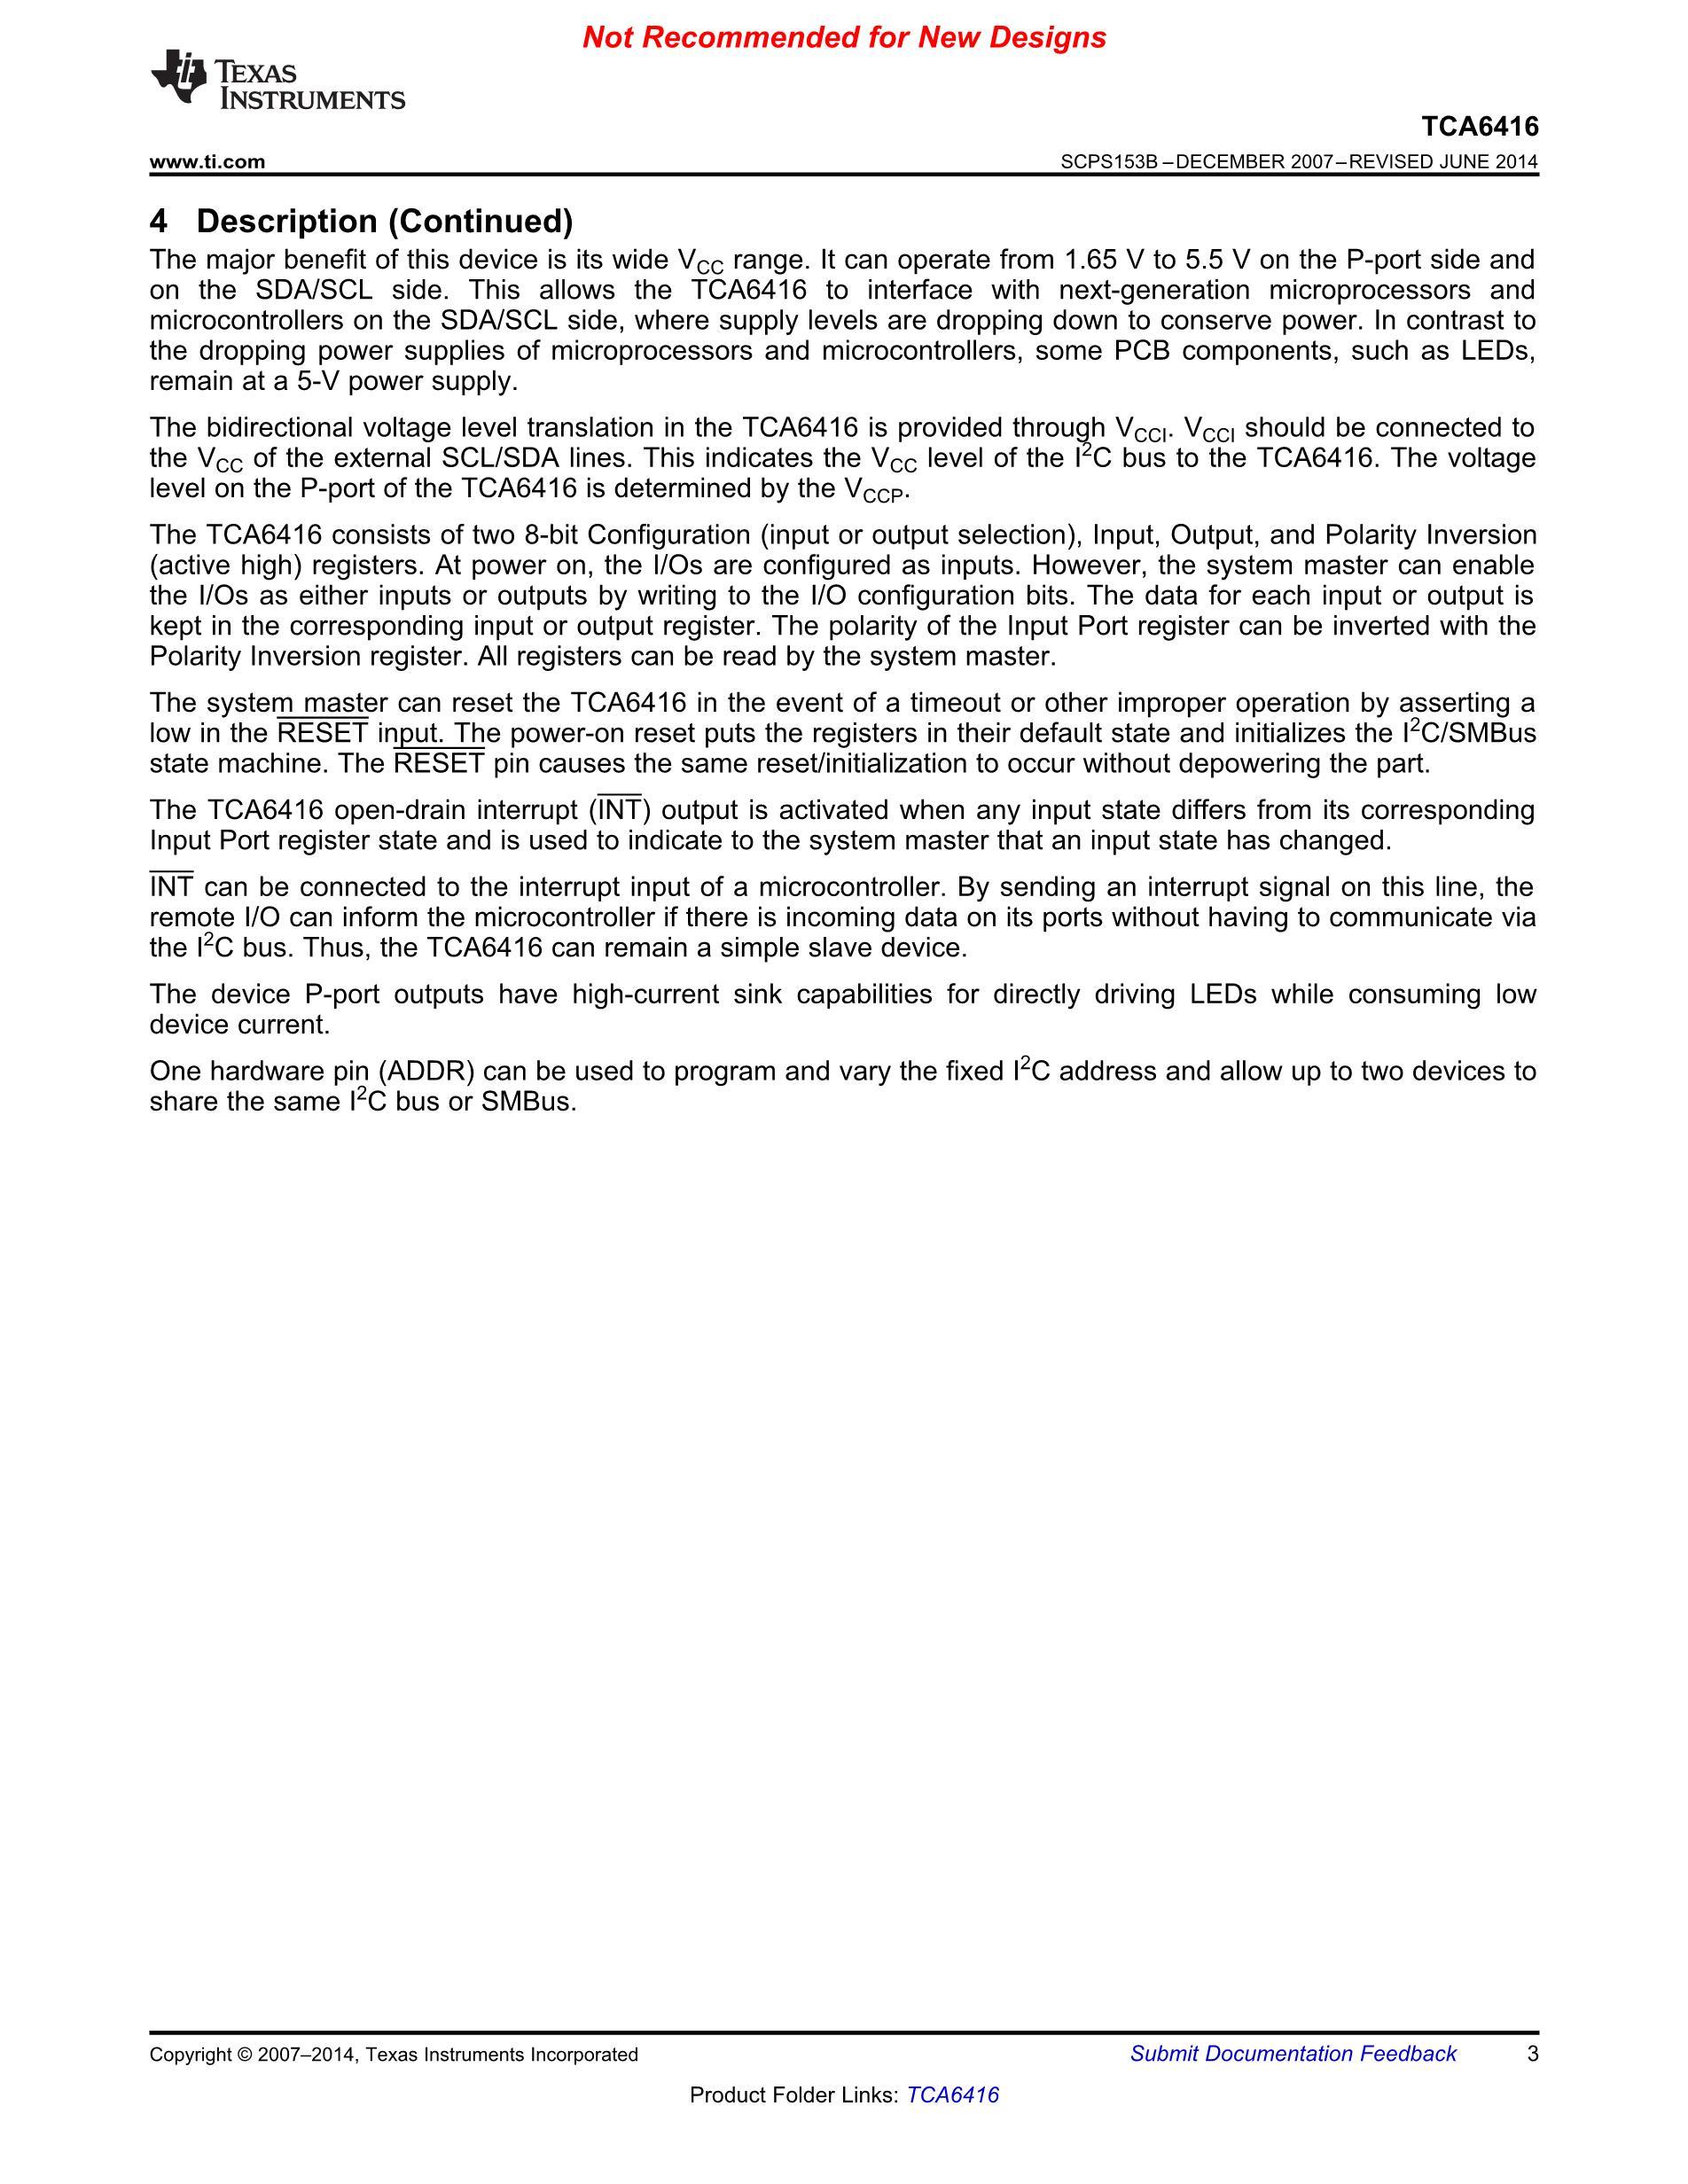 TCA6416APWR's pdf picture 3